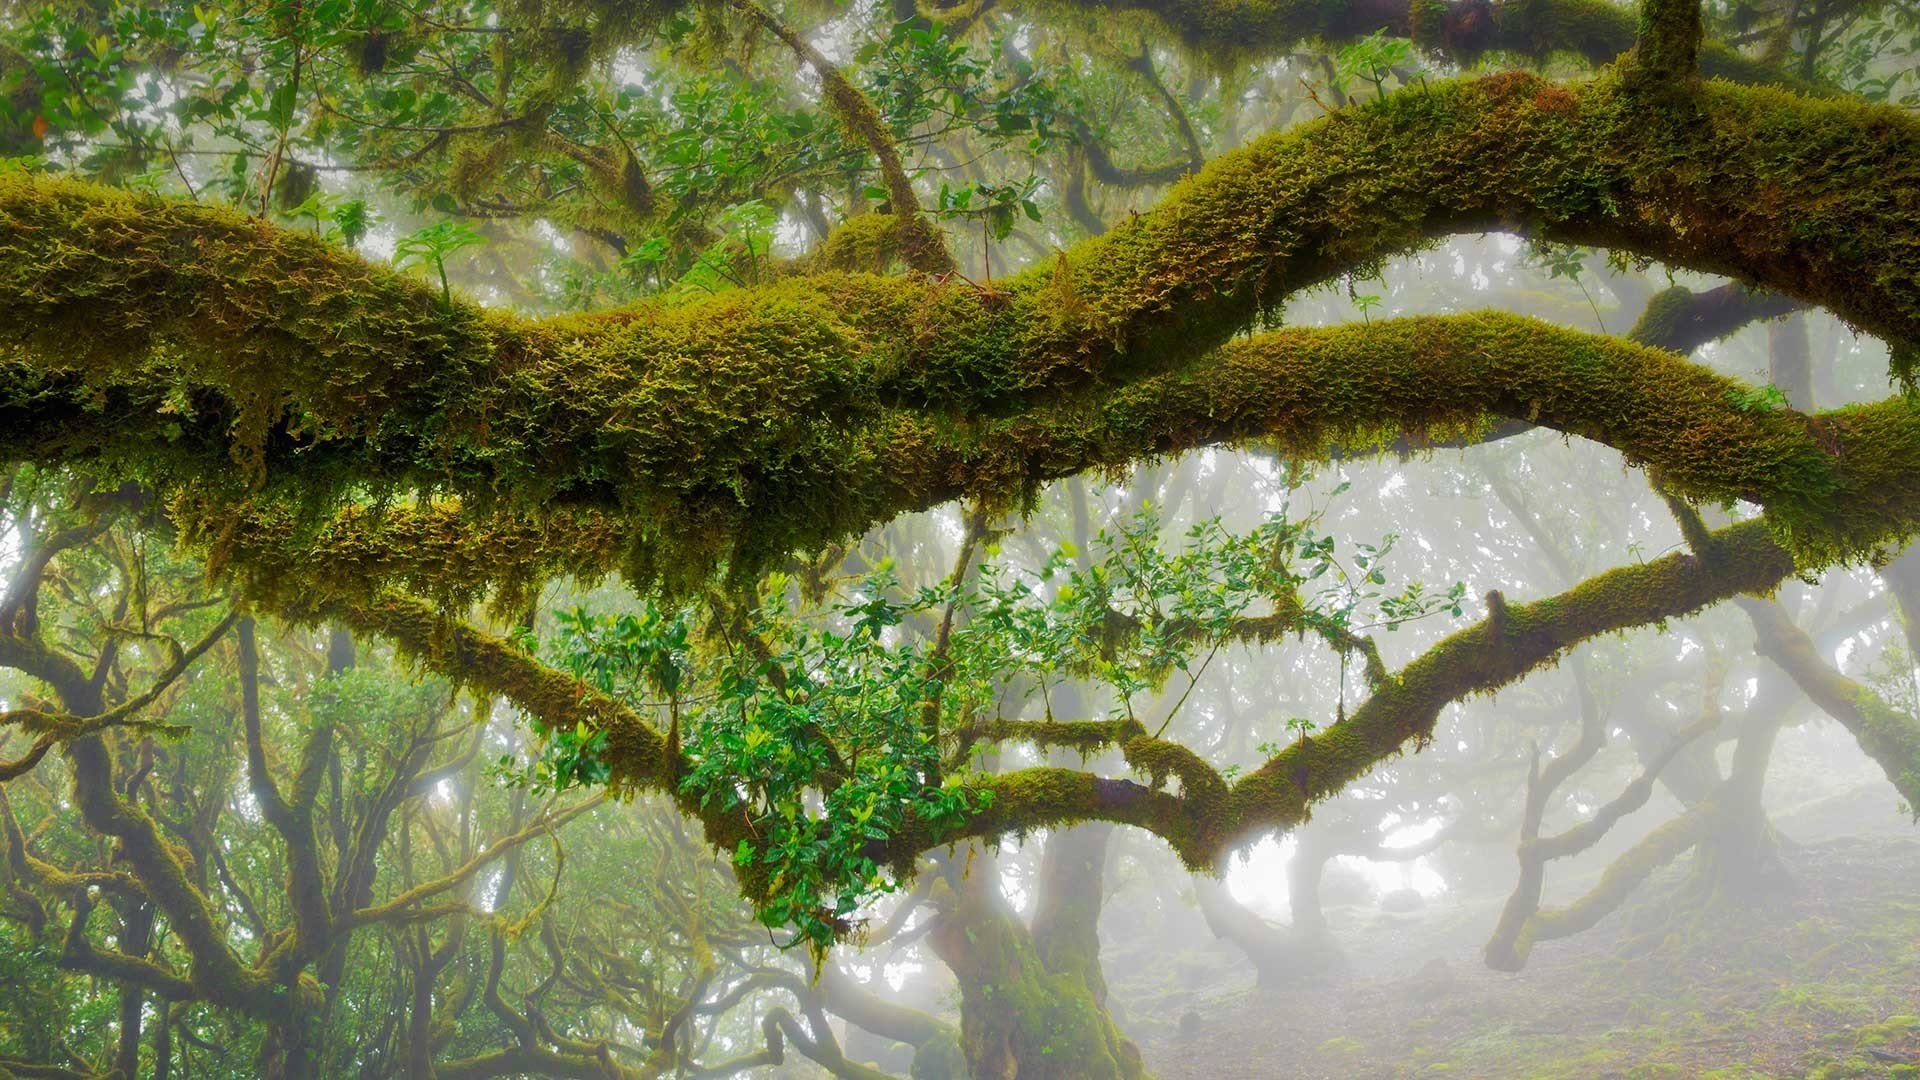 马德拉的月桂树林